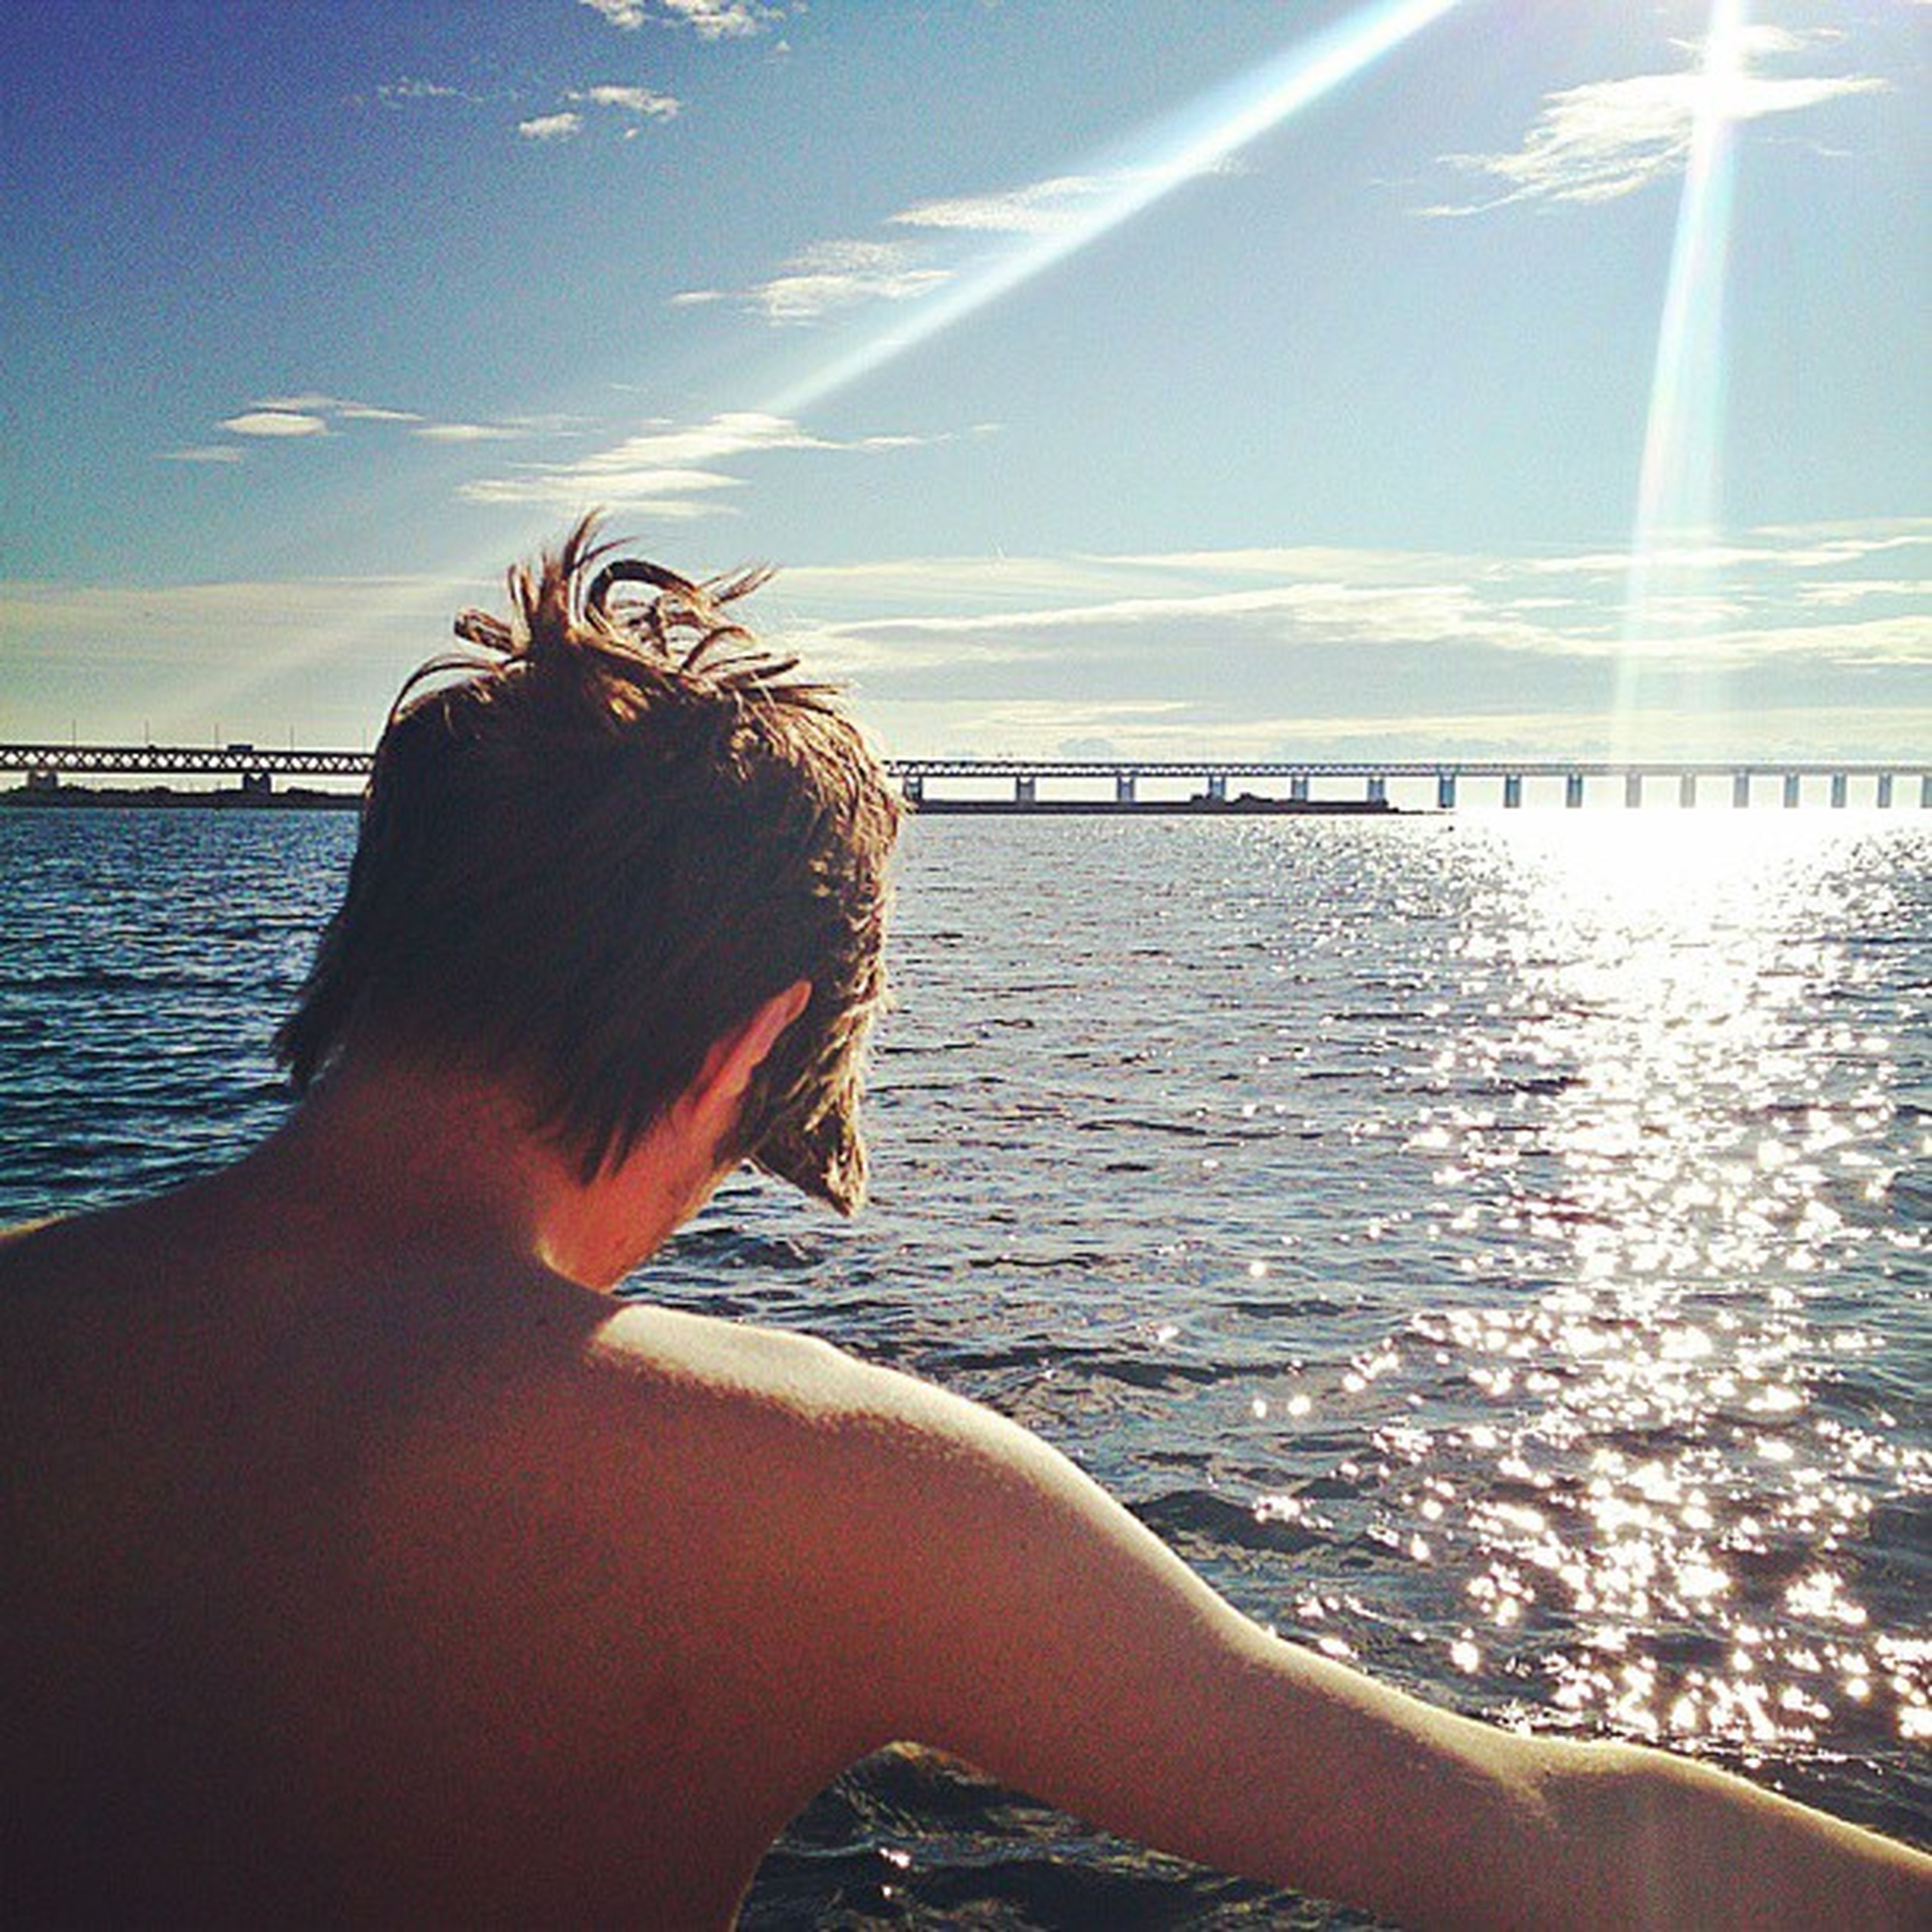 Firar Aston villas seger med bad i havet, friskt vatten måste nog vara bästa medicinen mot bakiskaos. Tack vattnet!